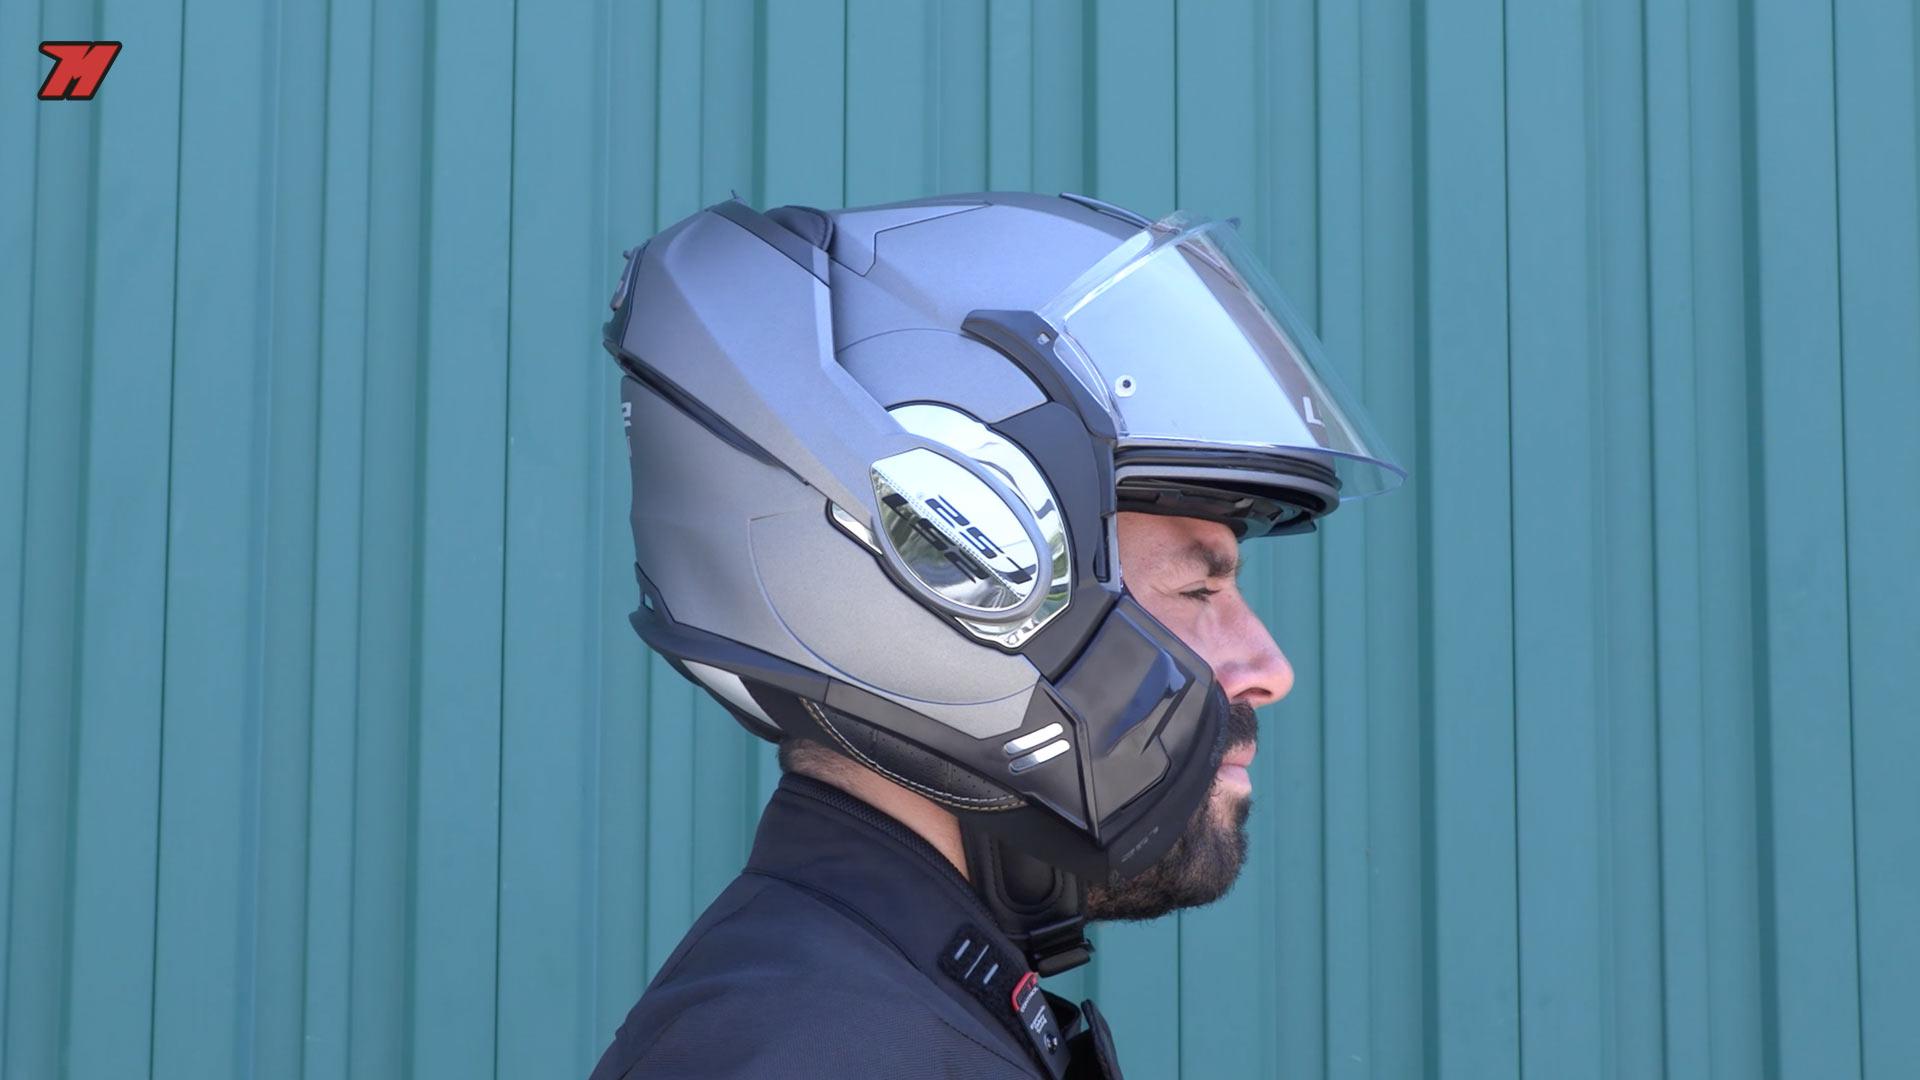 Ls2 Valiant Les 5 Clés Du Succès De Ce Casque Moto Modulable